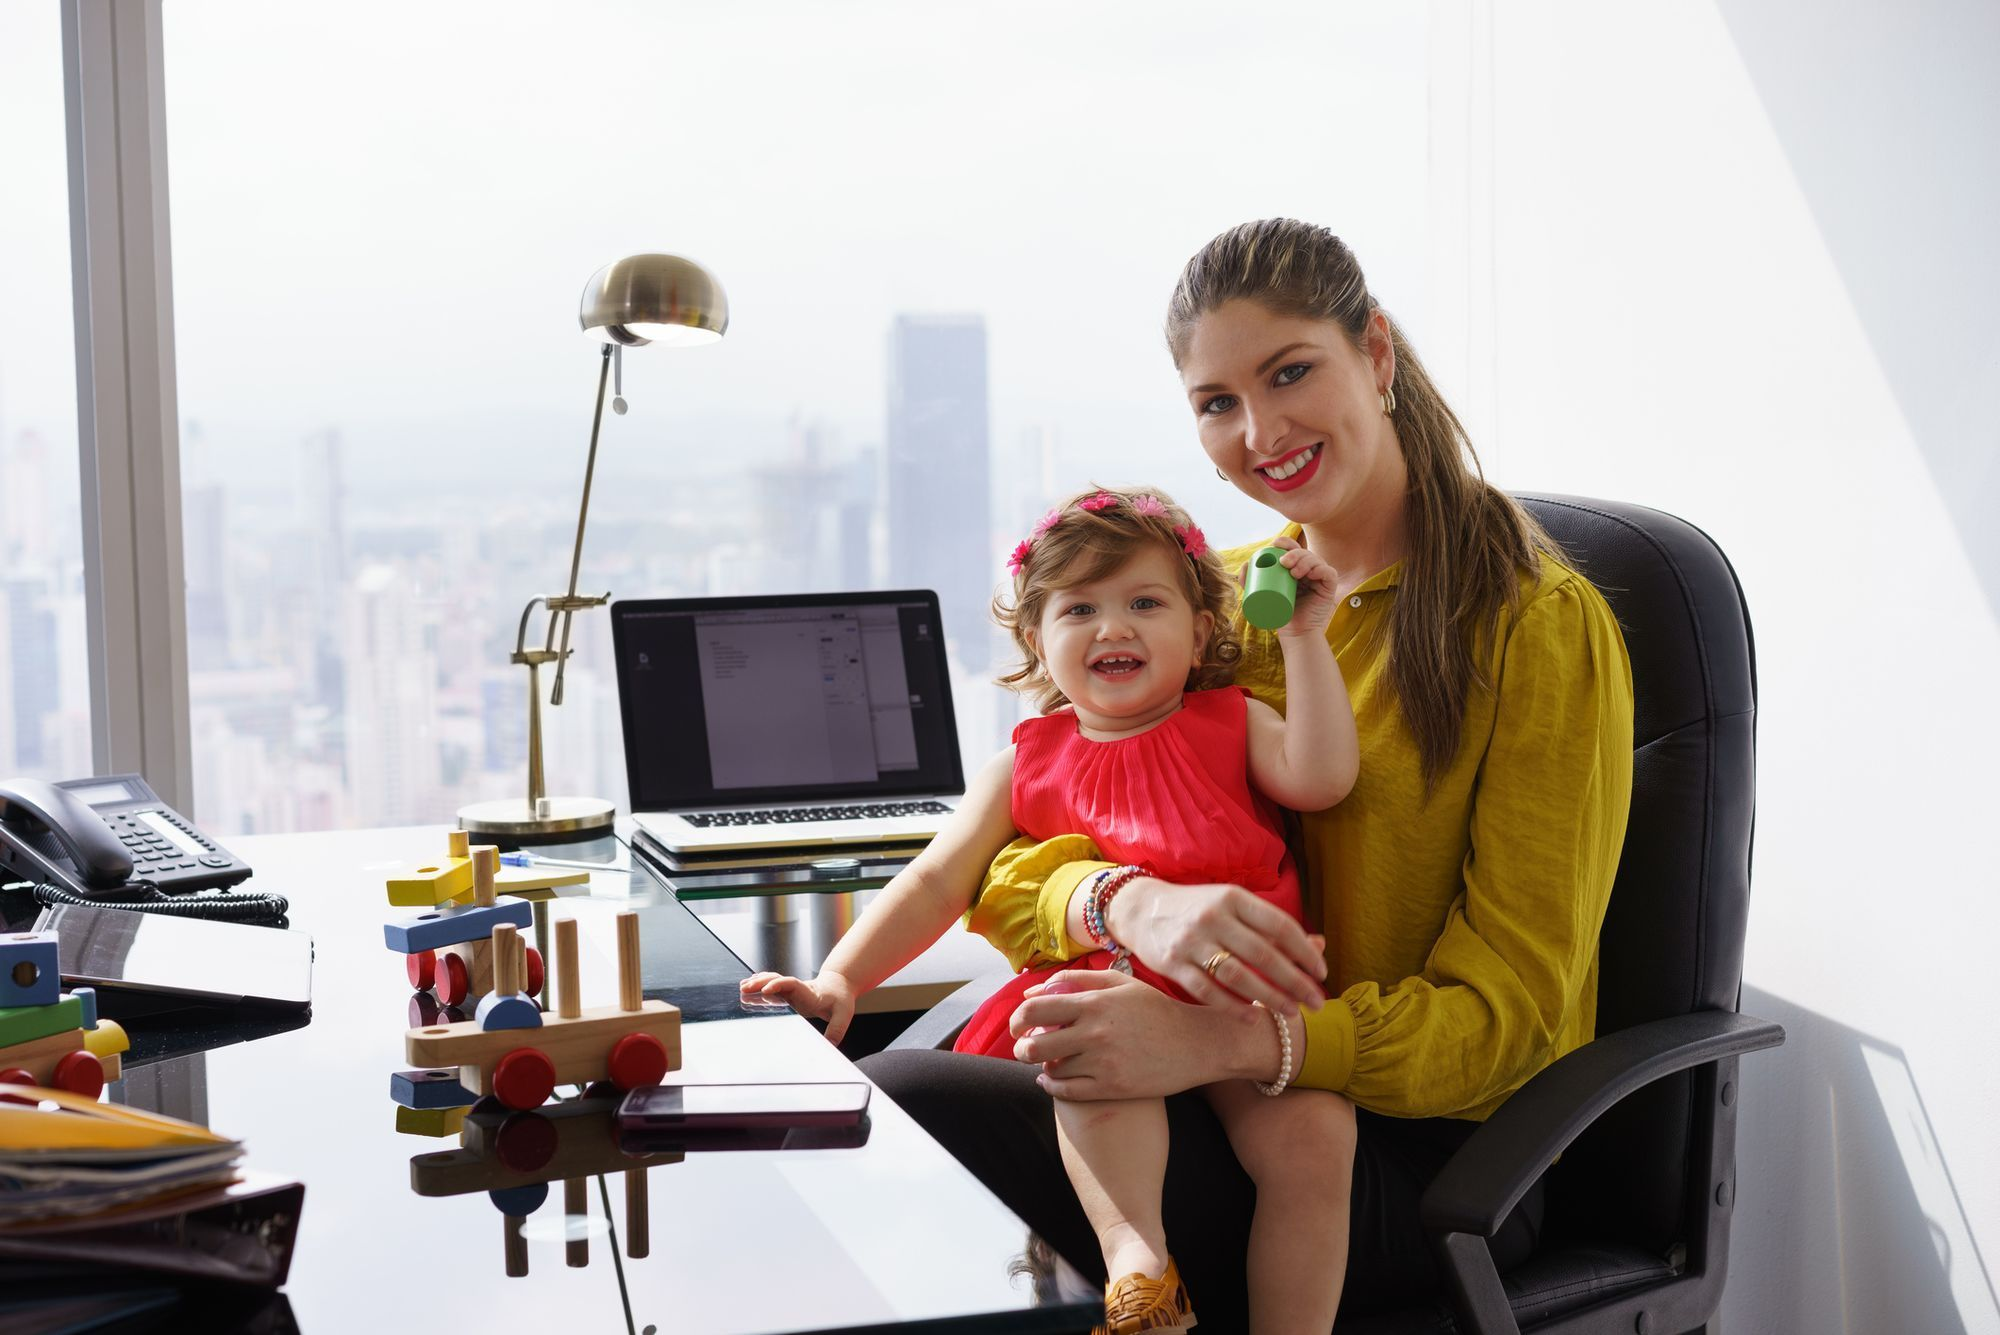 how-online-shopping-makes-modern-moms-life-easier